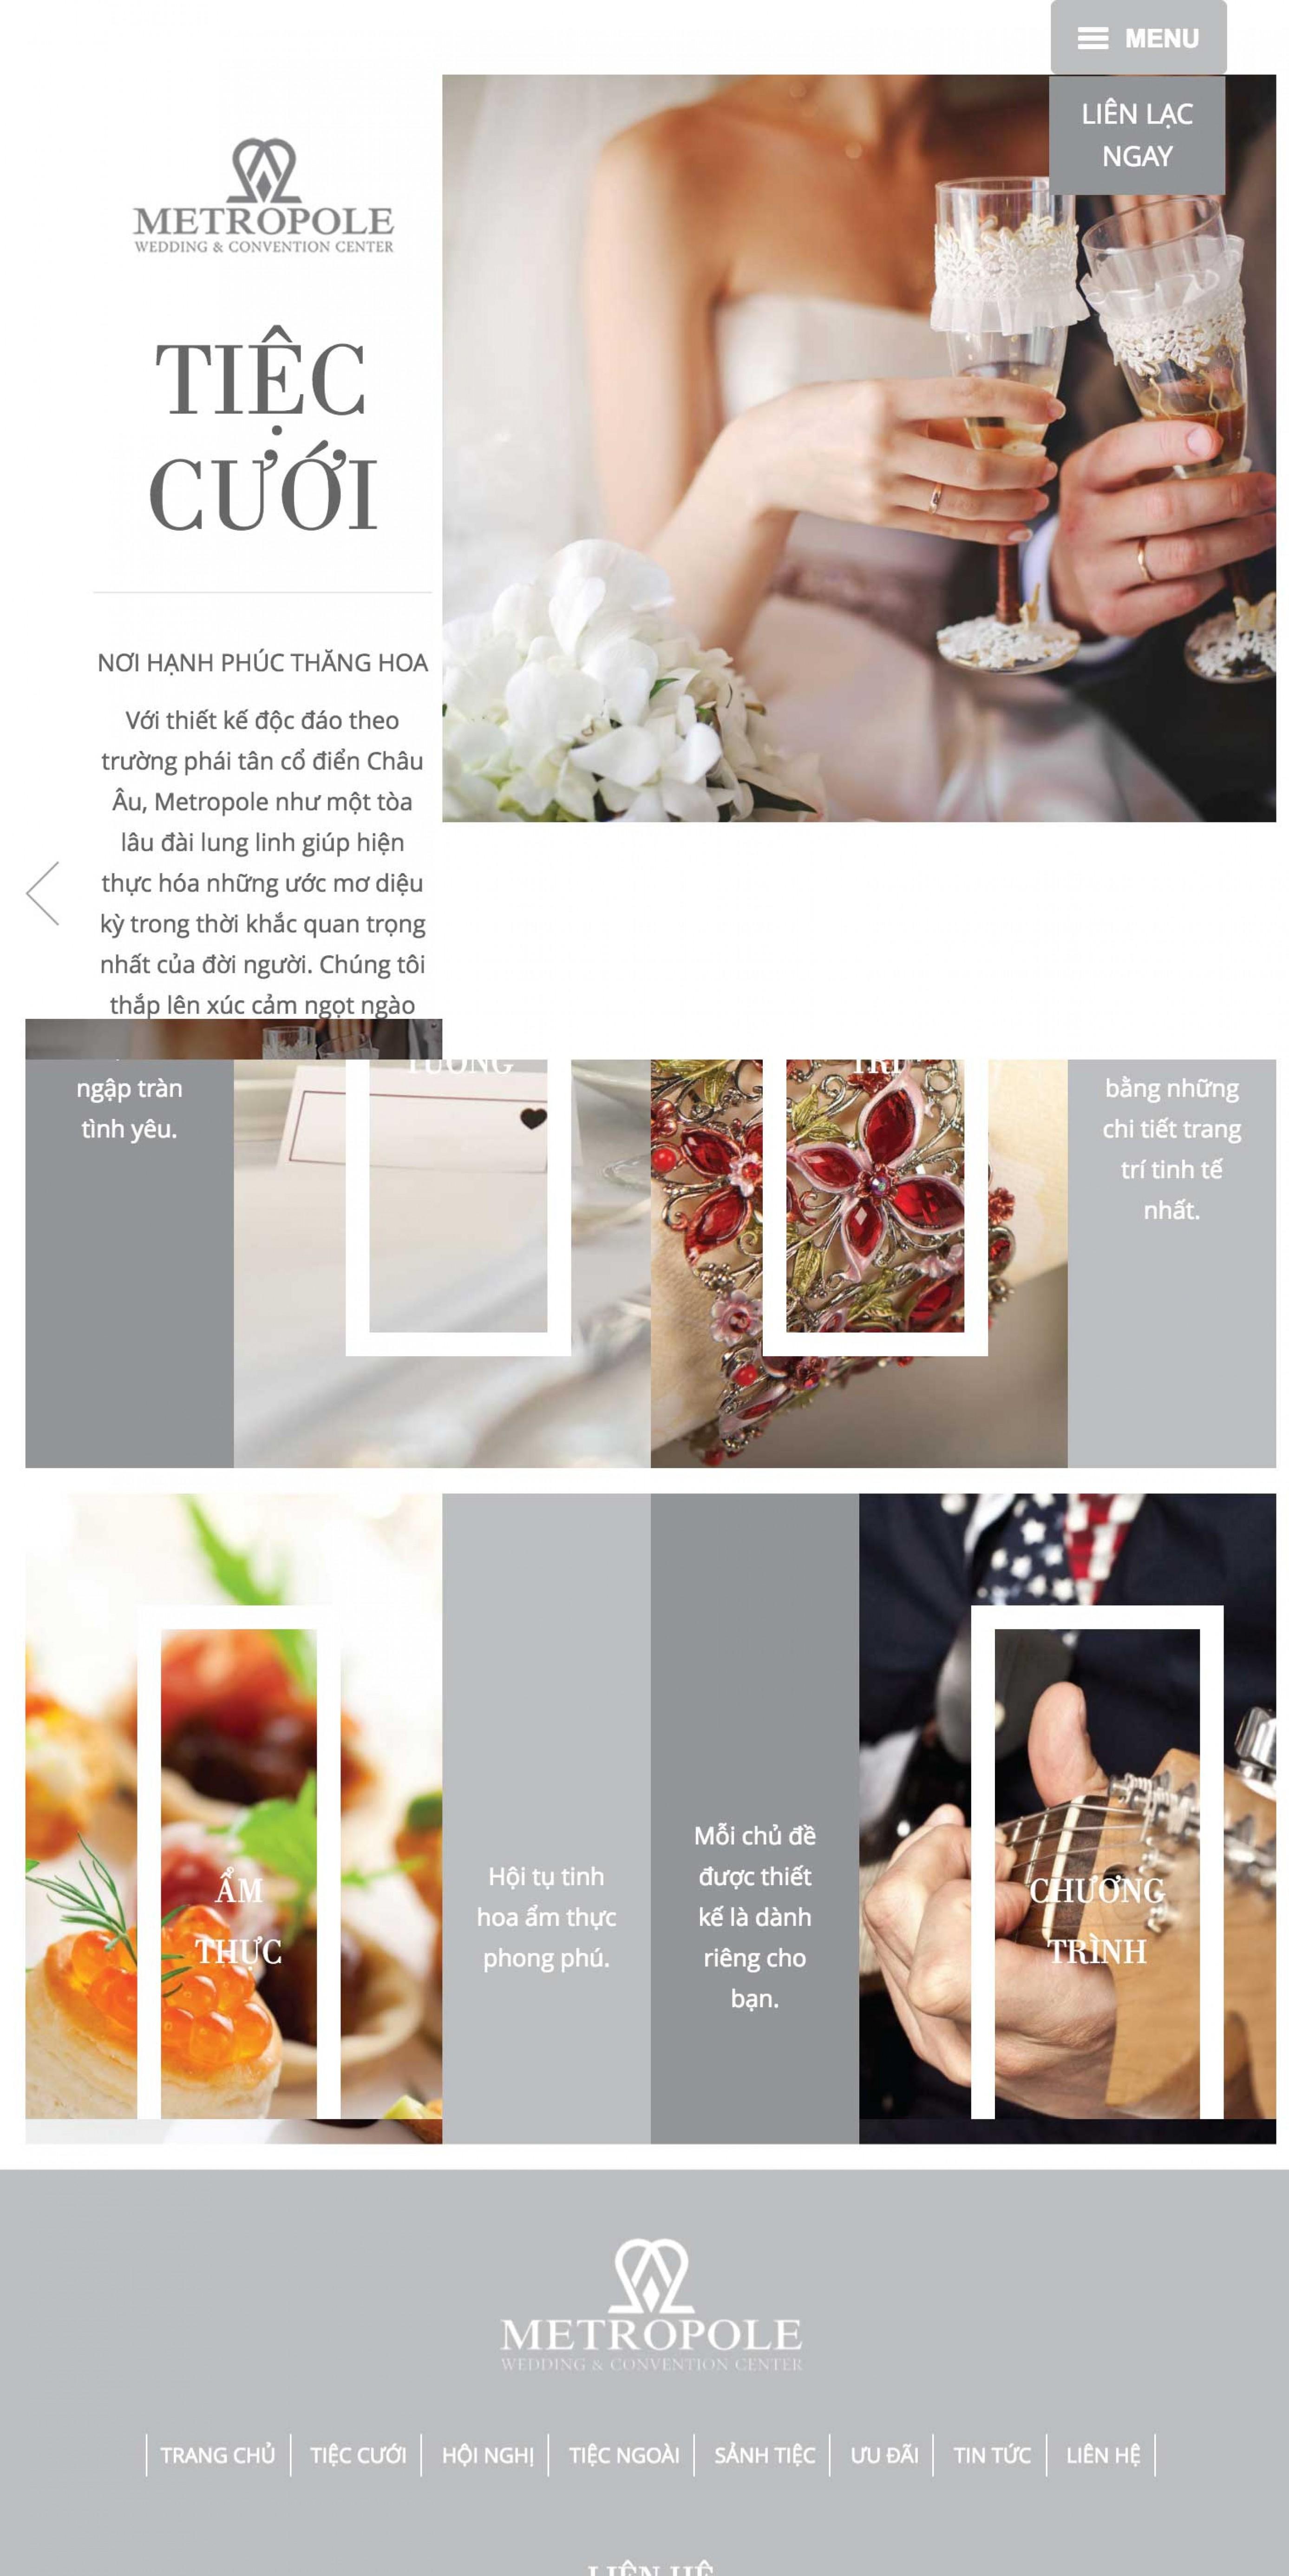 Thiết kế web nhà hàng trung tâm hội nghị tiệc cưới Metropole trên ipad